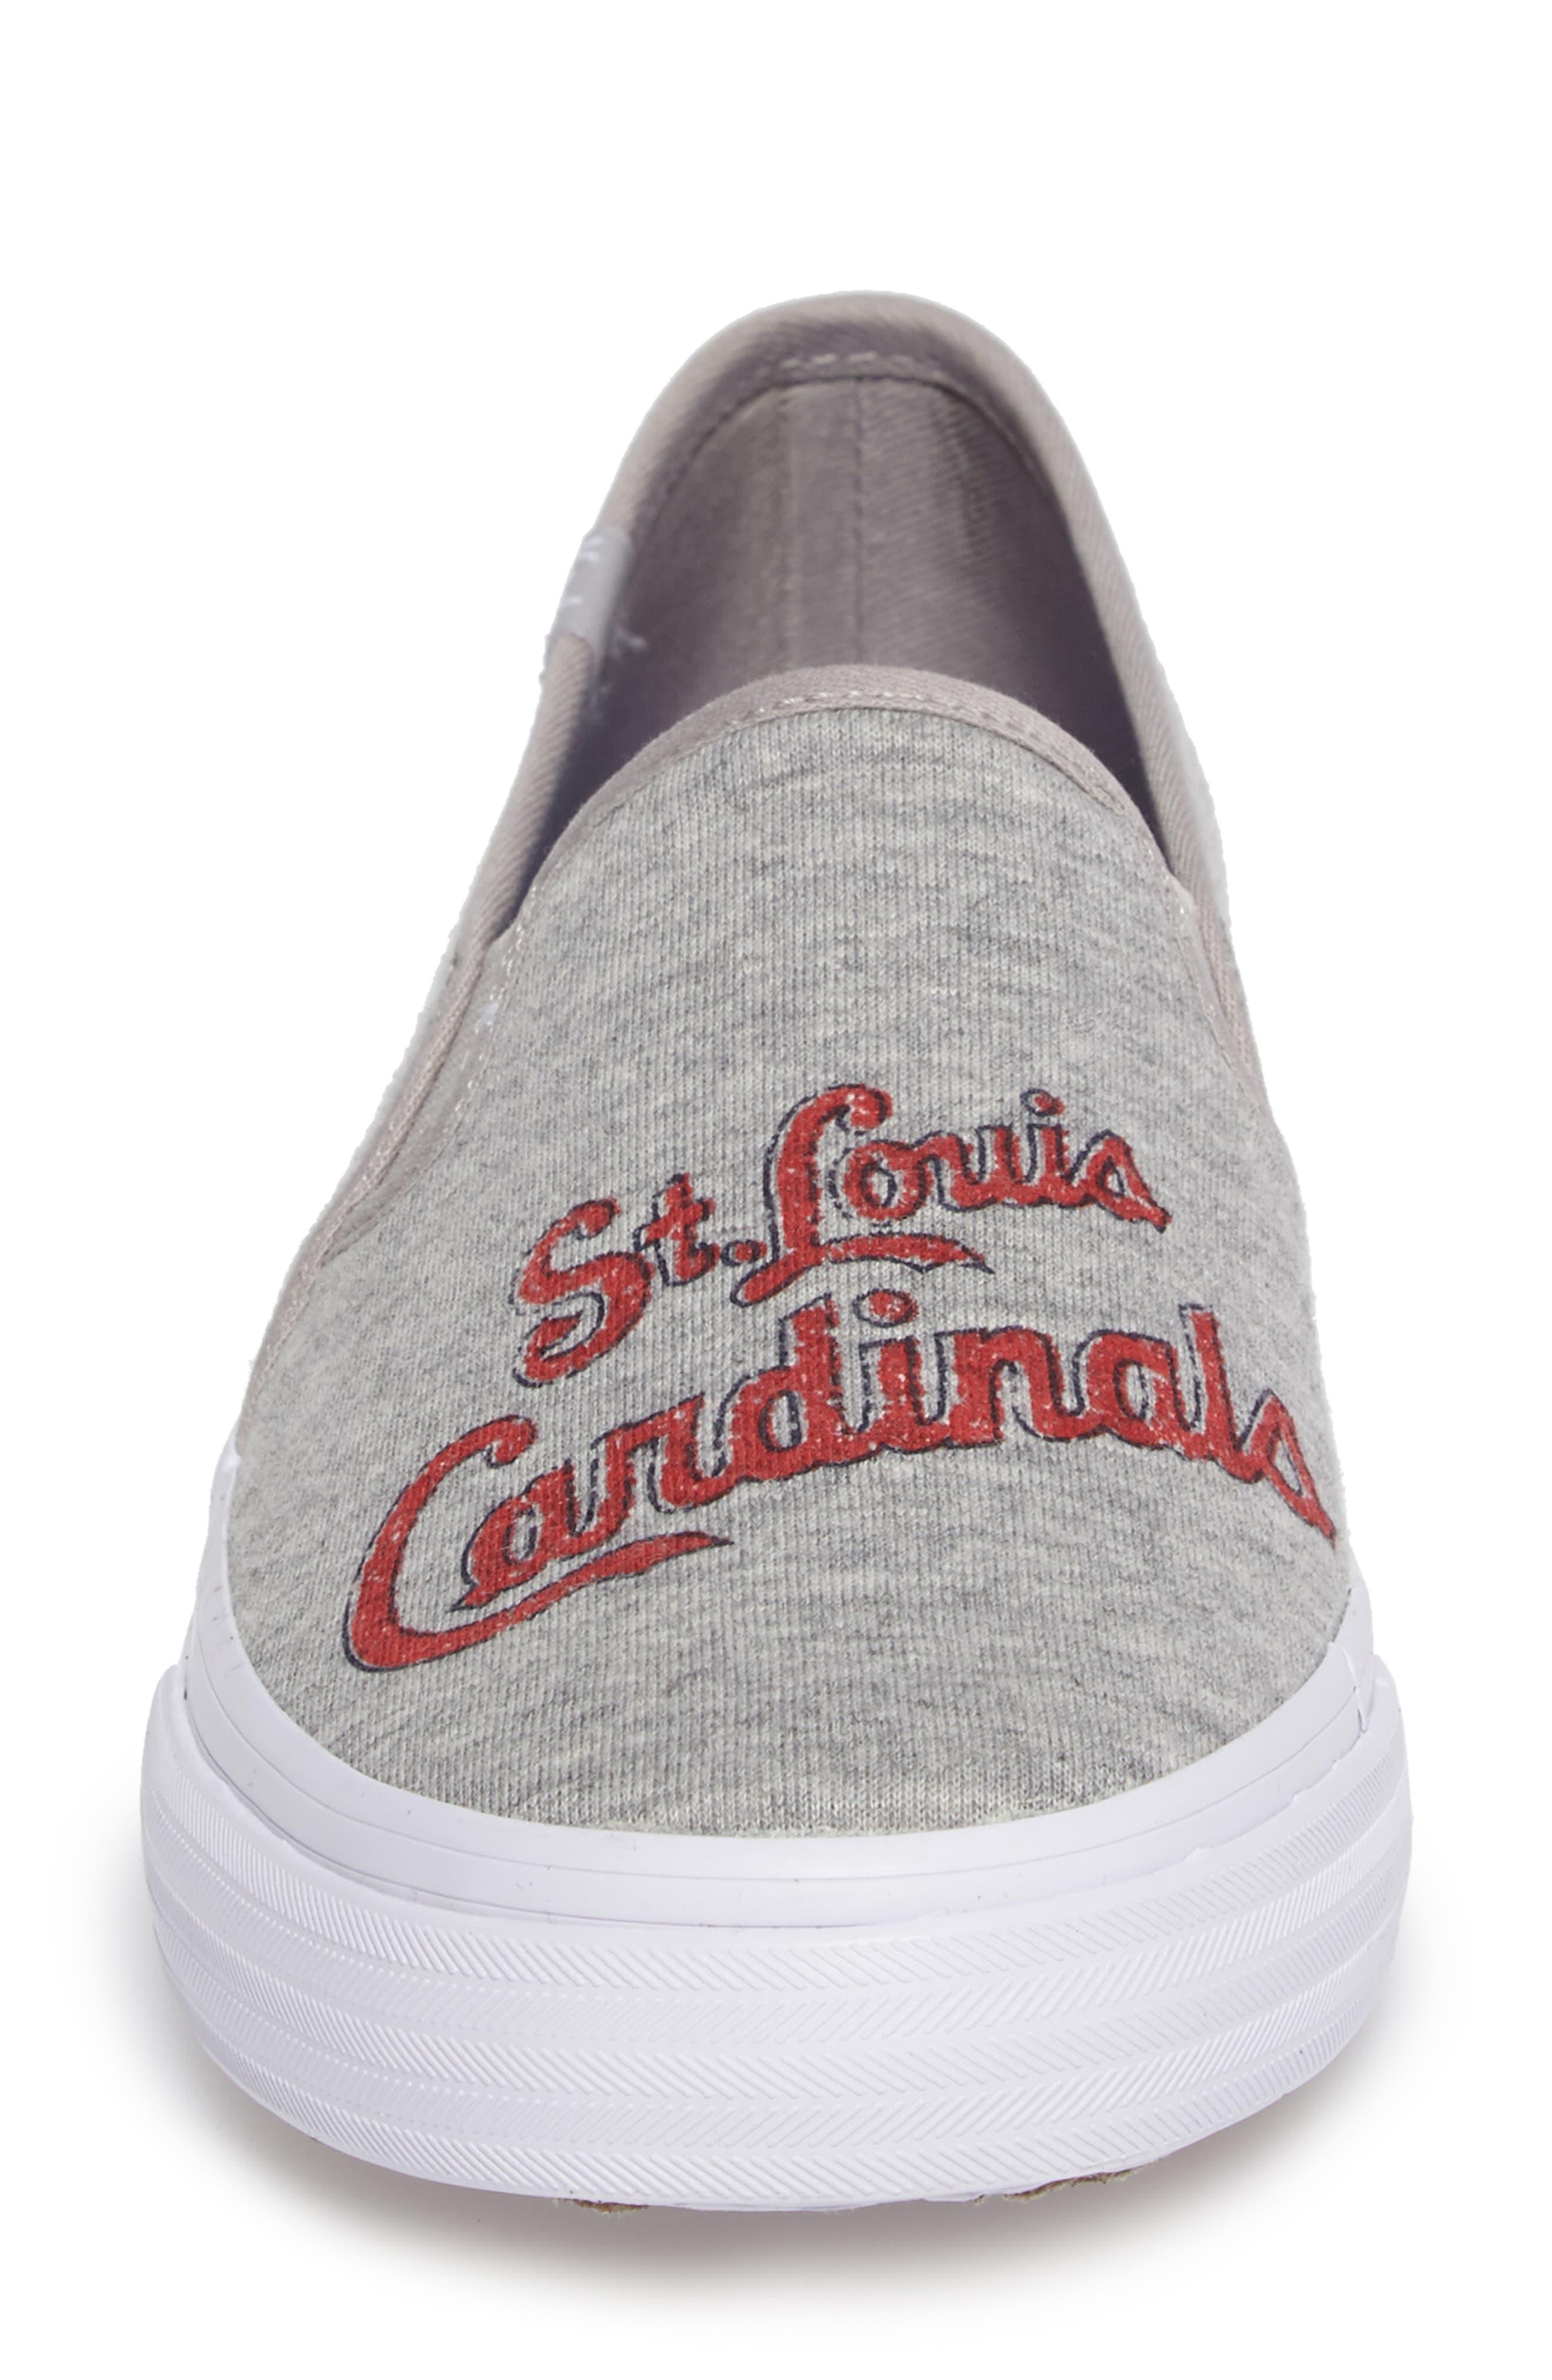 Double Decker Baseball Team Jersey Slip-On Sneaker,                             Alternate thumbnail 4, color,                             050